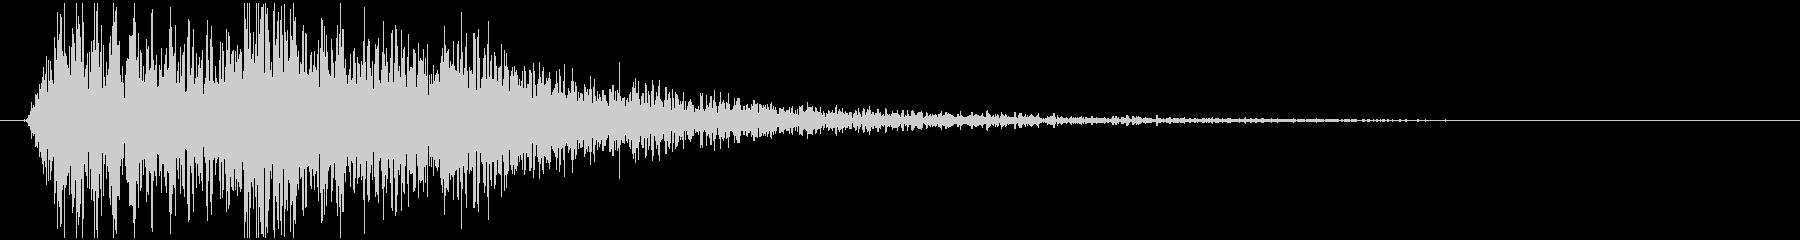 オーケストラヒット:ジャンジャン!の未再生の波形